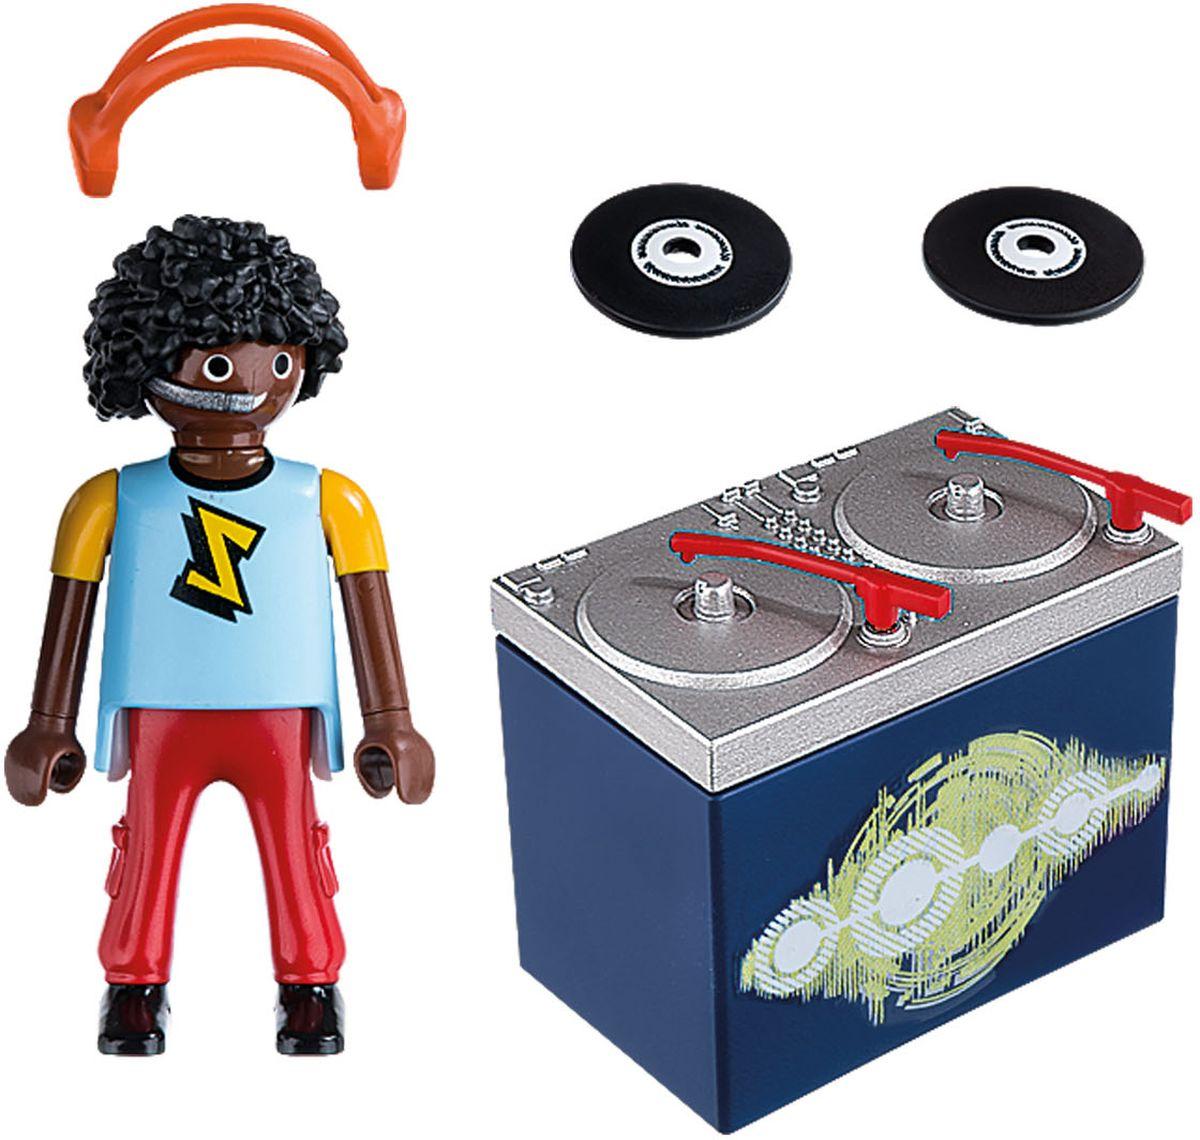 Playmobil Игровой набор Ди-джей дуглас коупленд джей под